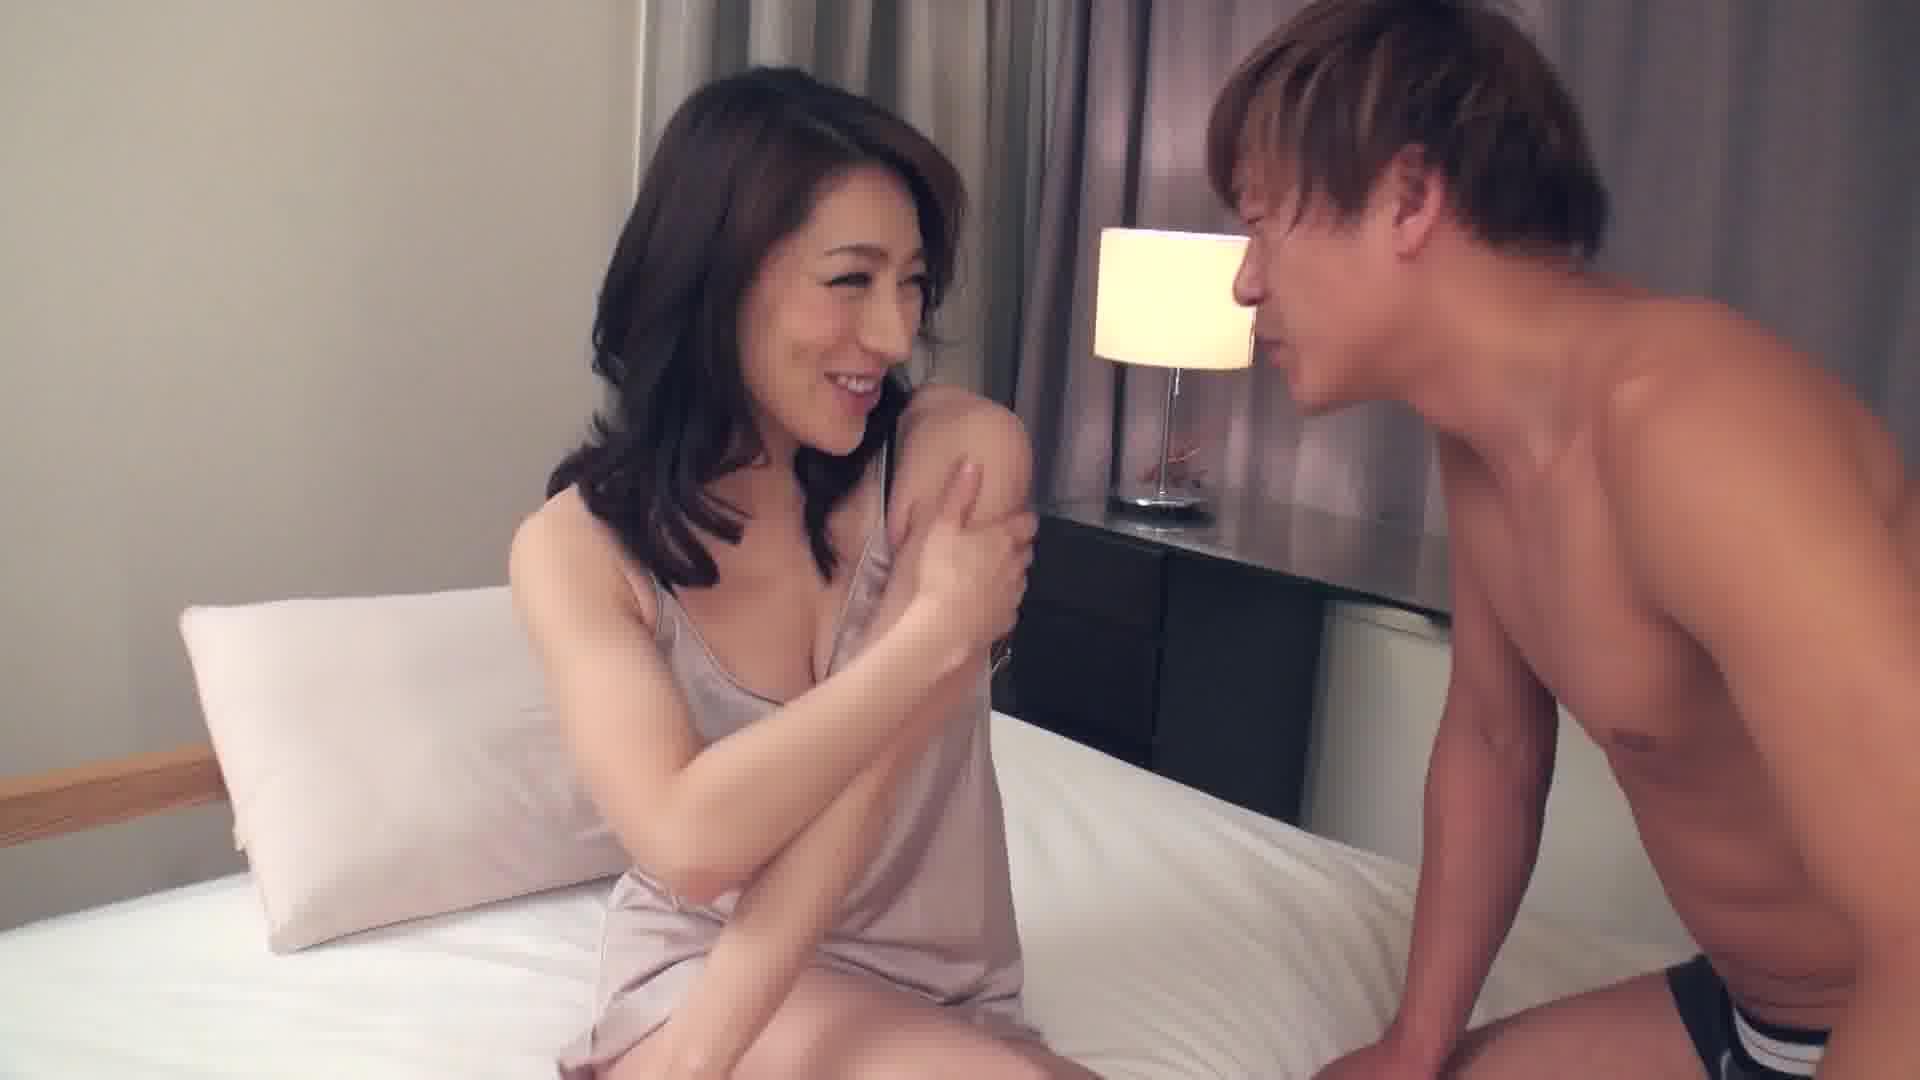 好色妻降臨 37 ~DVD未収録映像~ - 松本まりな【痴女・巨乳・オナニー】